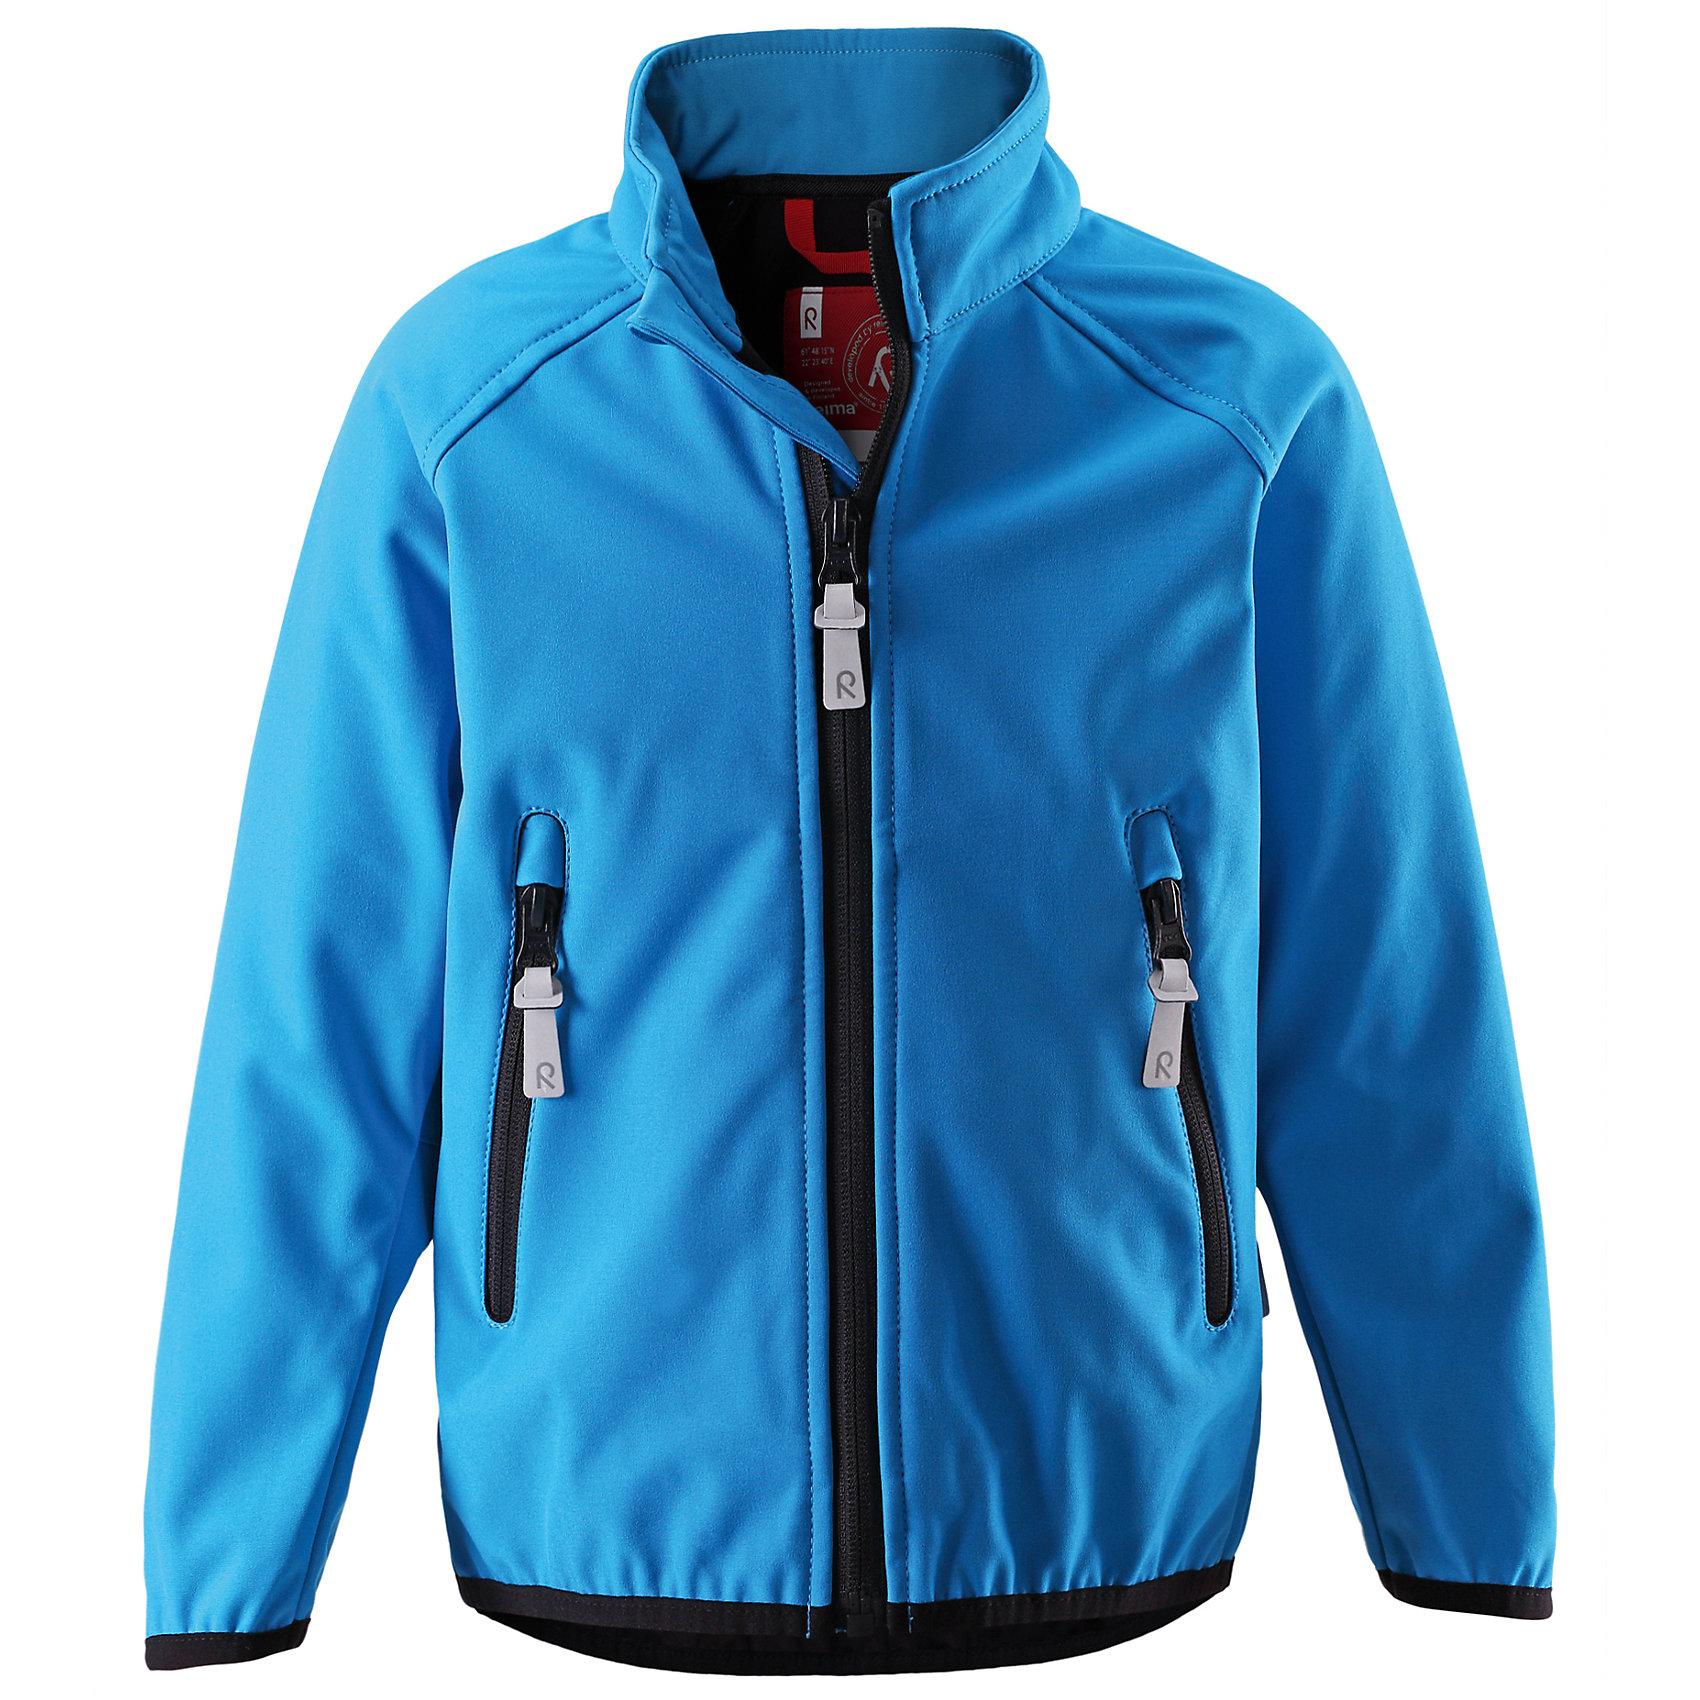 Куртка Soft shell ReimaКуртка Soft shell от финской марки Reima.<br>Куртка из материала softshell для детей и подростков. Из ветронепроницаемого материала, но изделие «дышит». Эластичная резинка на воротнике, манжетах и подоле. Карманы на молнии.<br>Состав:<br>96% ПЭ 4% ЭЛ, ПУ-ламинация<br><br>Ширина мм: 356<br>Глубина мм: 10<br>Высота мм: 245<br>Вес г: 519<br>Цвет: голубой<br>Возраст от месяцев: 84<br>Возраст до месяцев: 96<br>Пол: Унисекс<br>Возраст: Детский<br>Размер: 146,134,110,128,158,122,140,152<br>SKU: 4653136